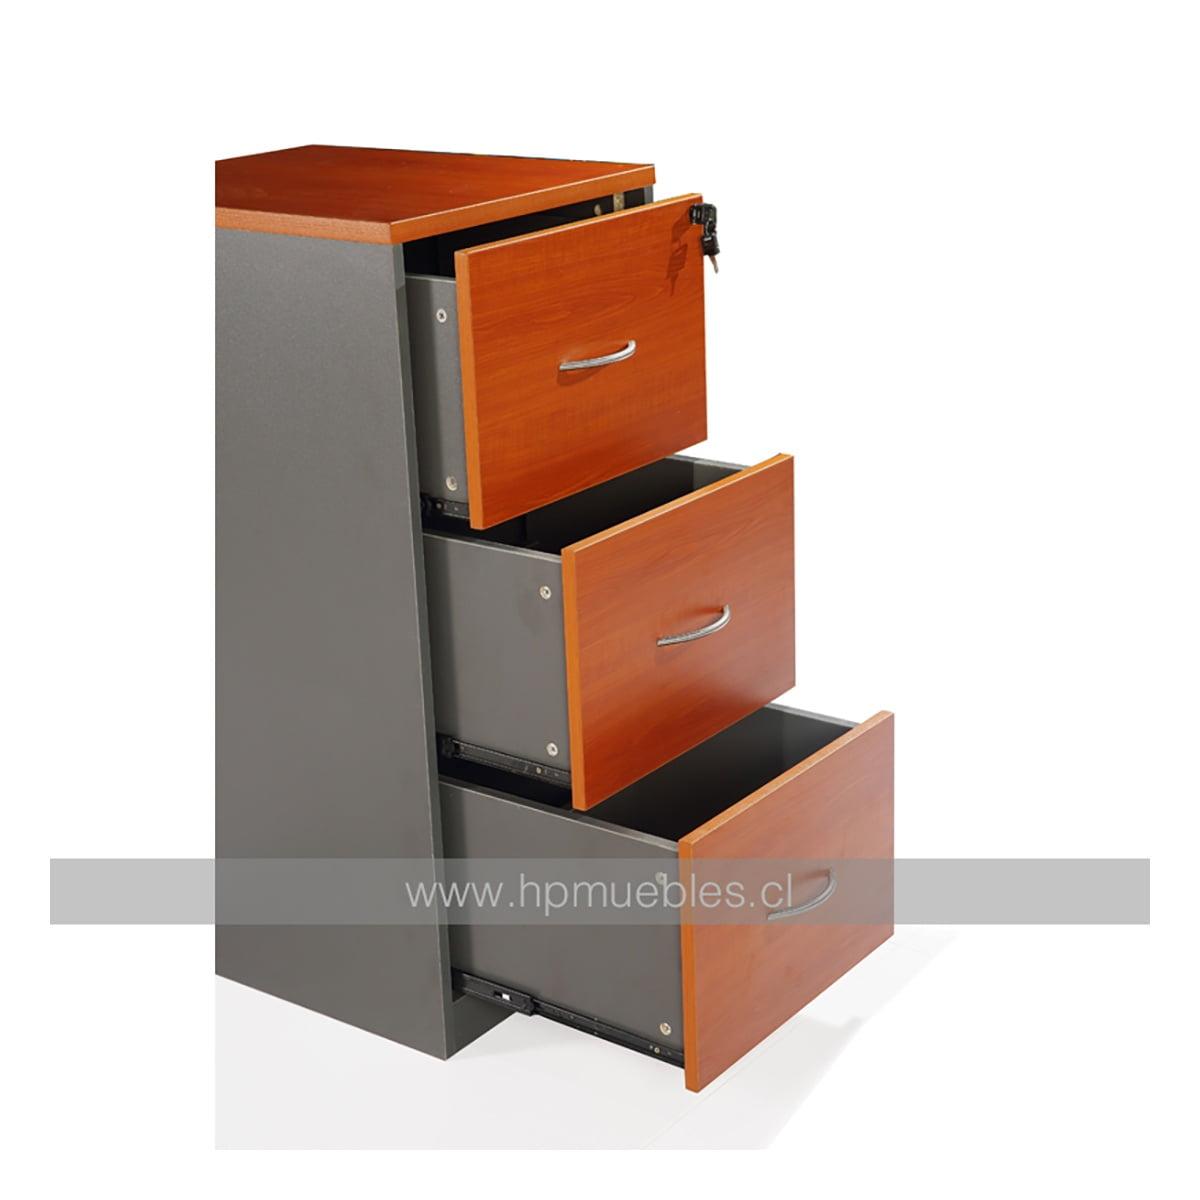 Kardex 3 cajones muebles de oficina decoprosillas for Muebles para oficina 3